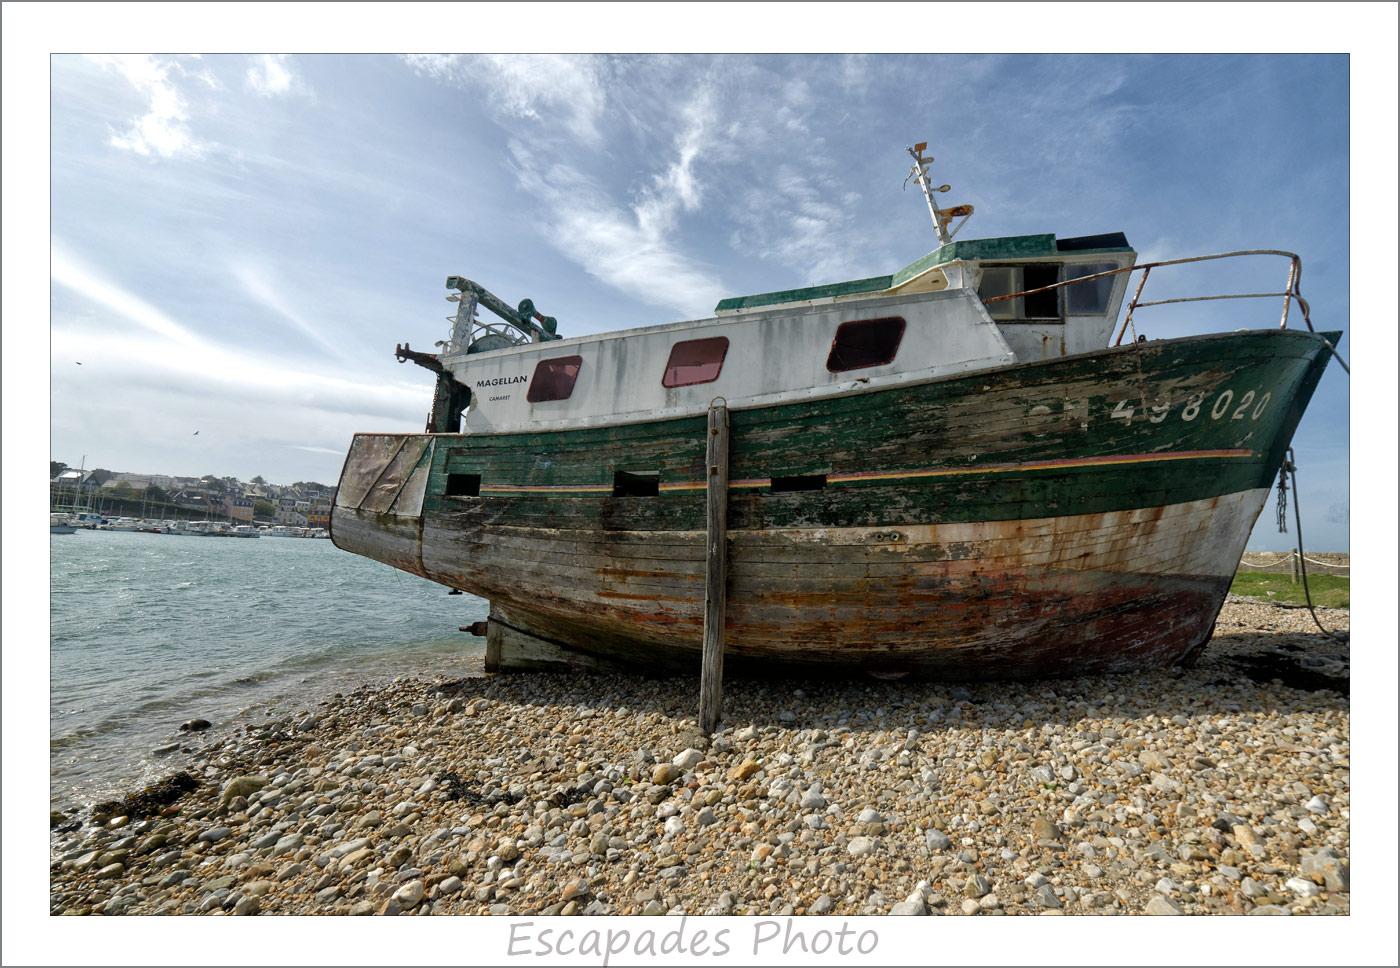 Magellan - Cimetière de bateaux de Camaret